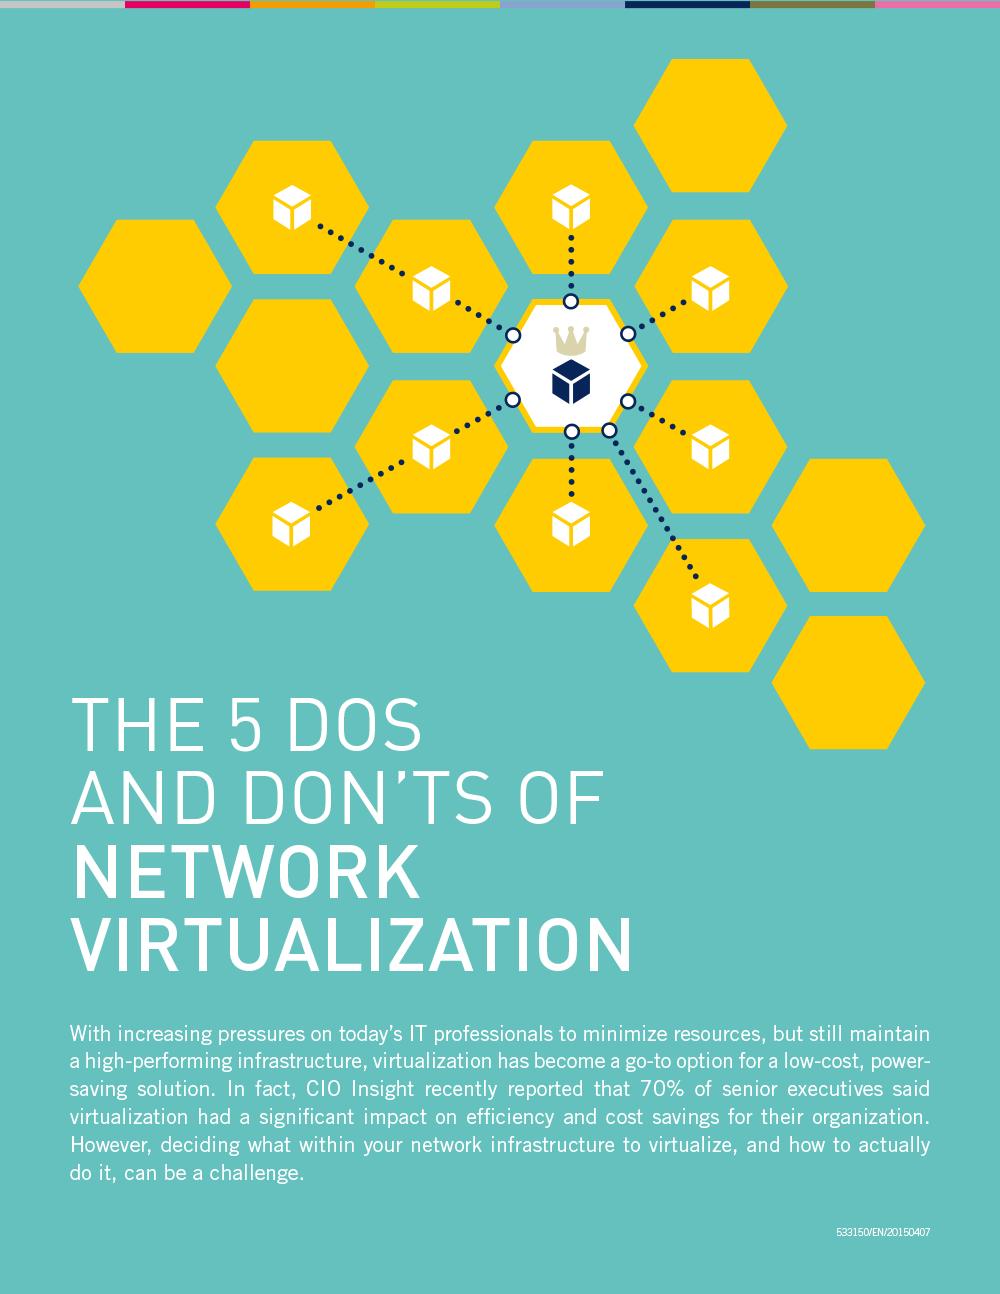 5 убедительных причин использовать виртуализацию